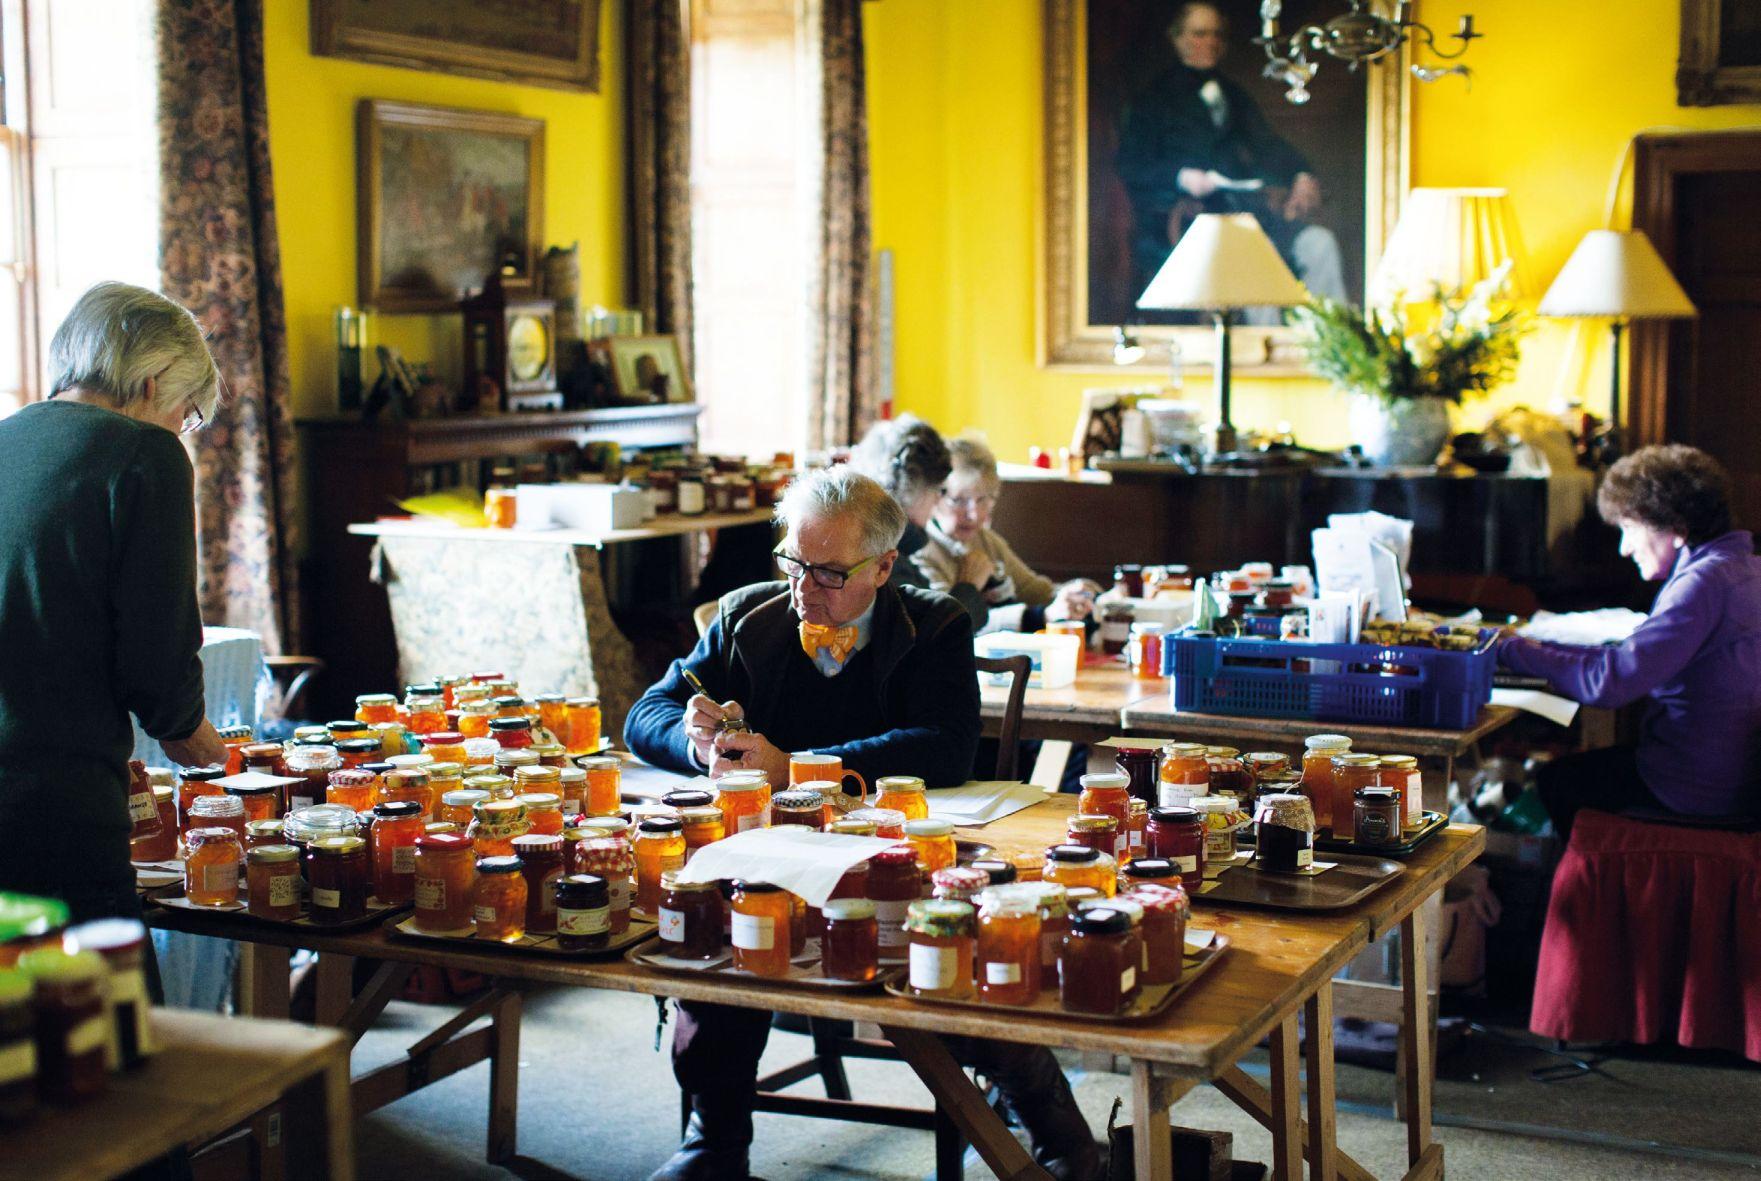 The judges at the World's Original Marmalade Awards hard at work